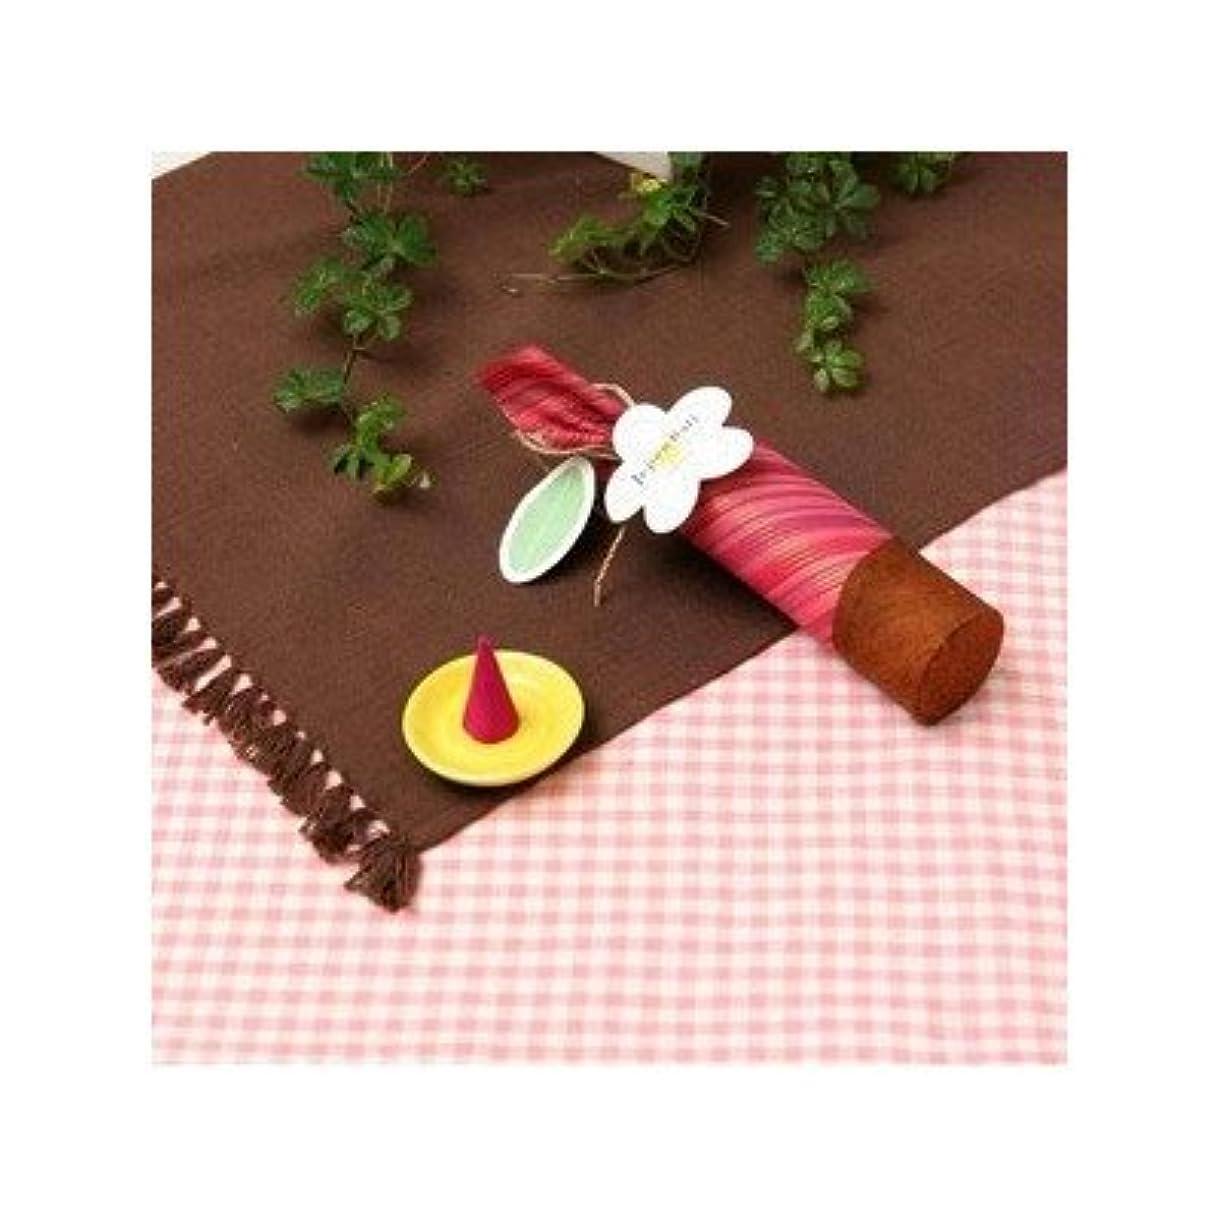 天統合する貨物お香/インセンス 〔桜の香り コーンタイプ10個入り〕 バリ島製 「Jupen Bari ジュプンバリ」[通販用梱包品]